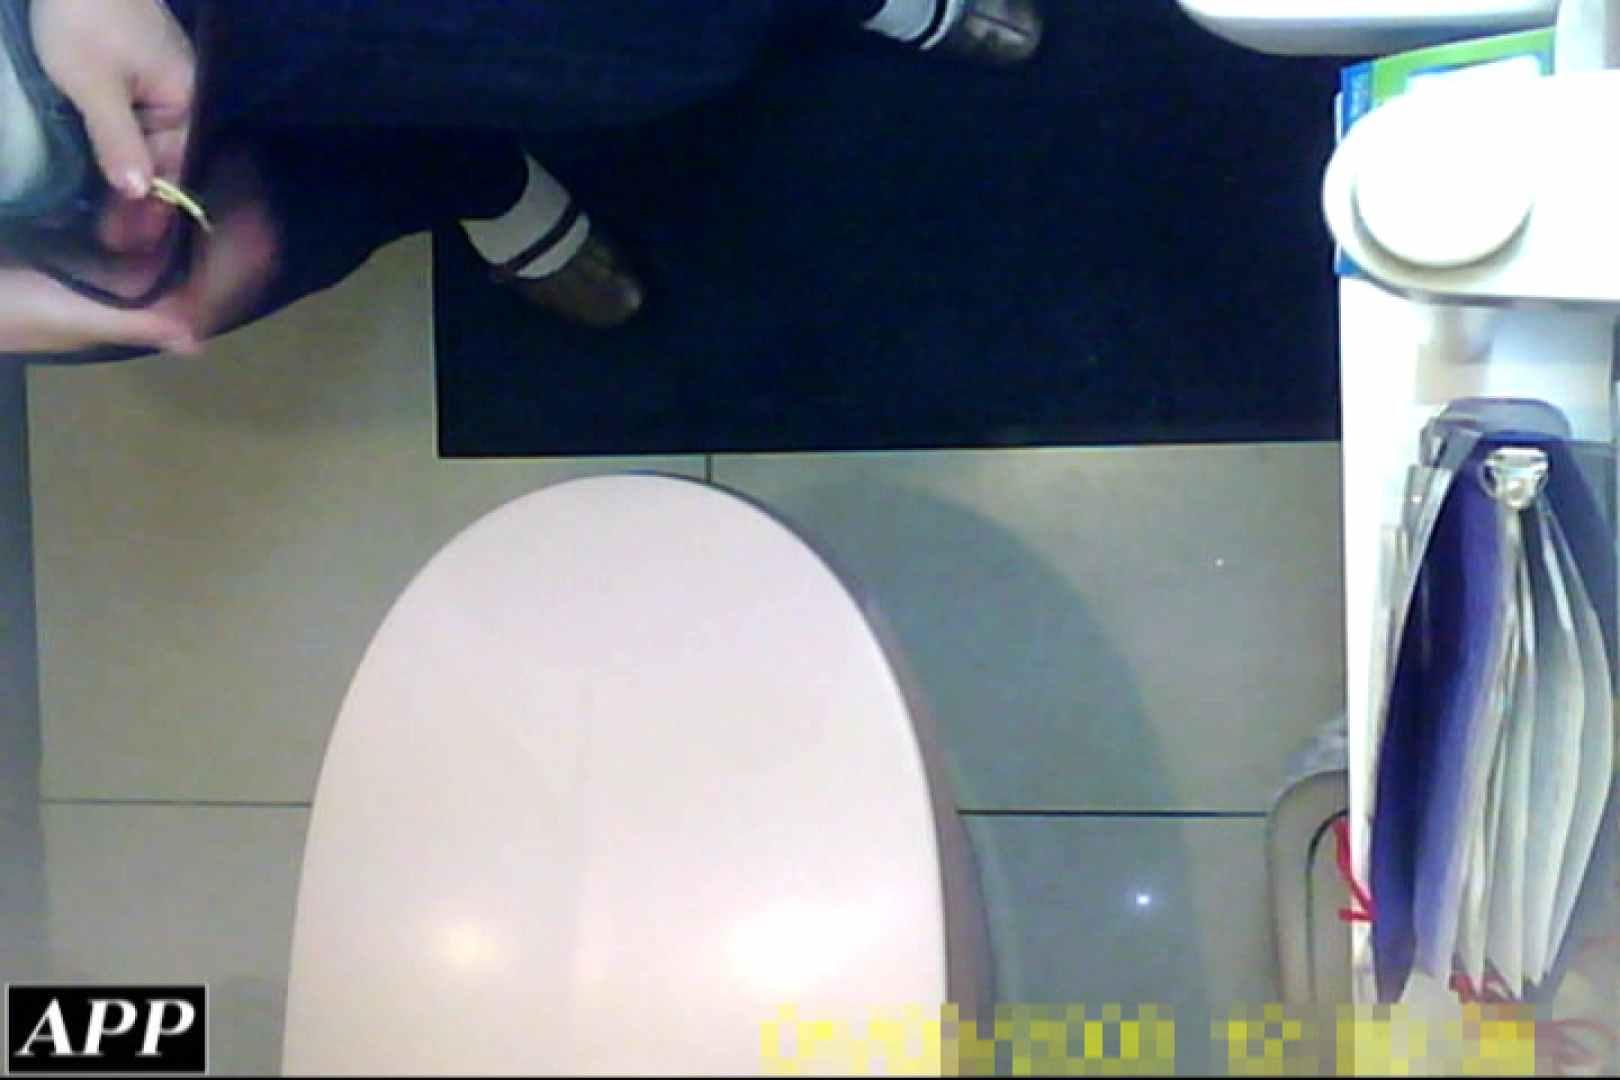 3視点洗面所 vol.103 オマンコ AV動画キャプチャ 59PIX 16